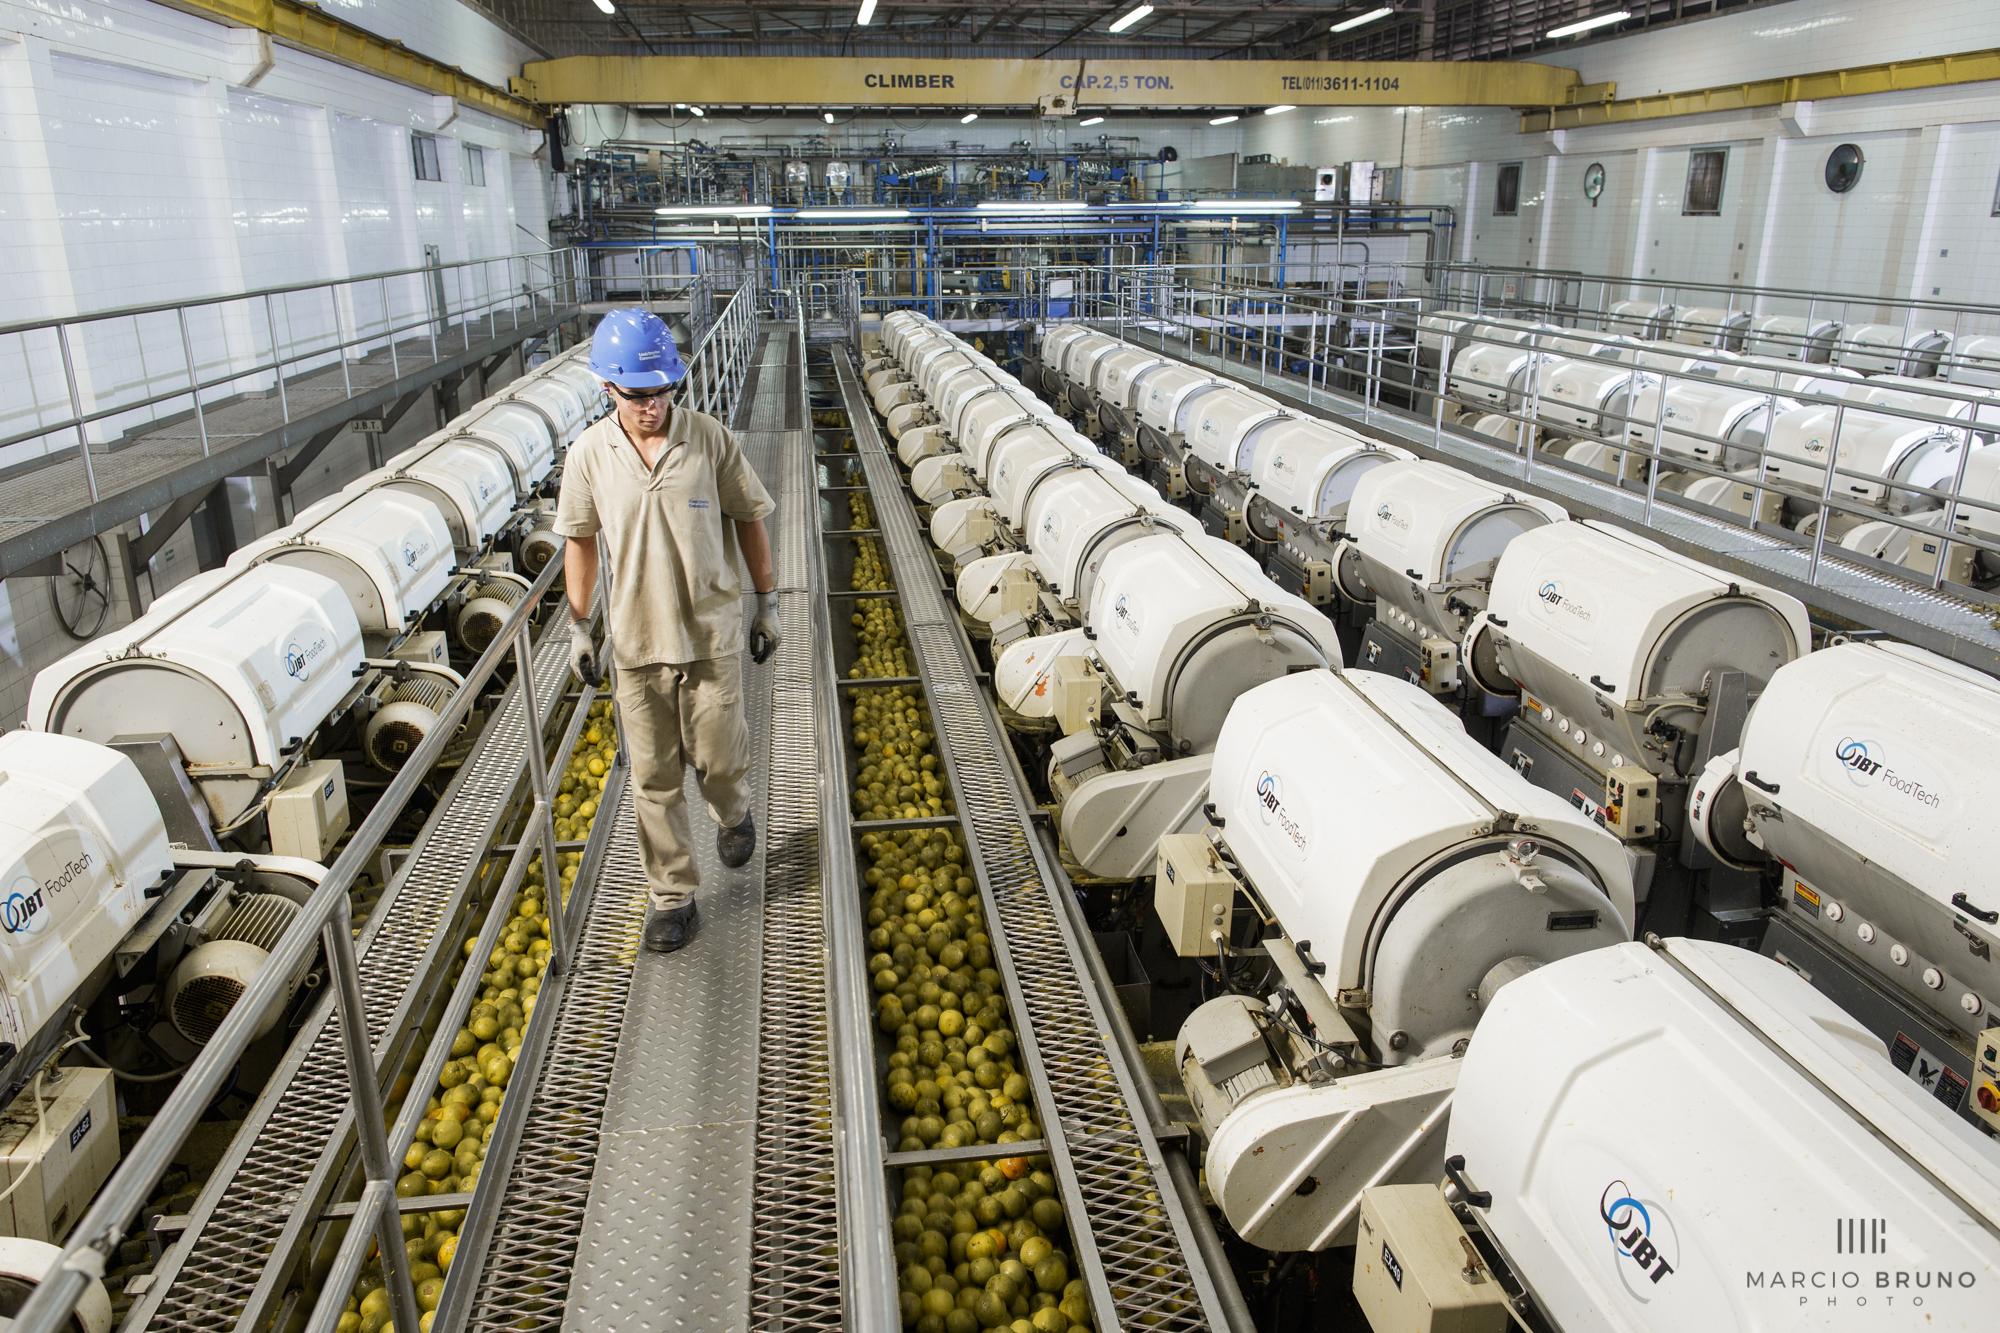 Louis Dreyfus Commodities - Orange Juice Industry